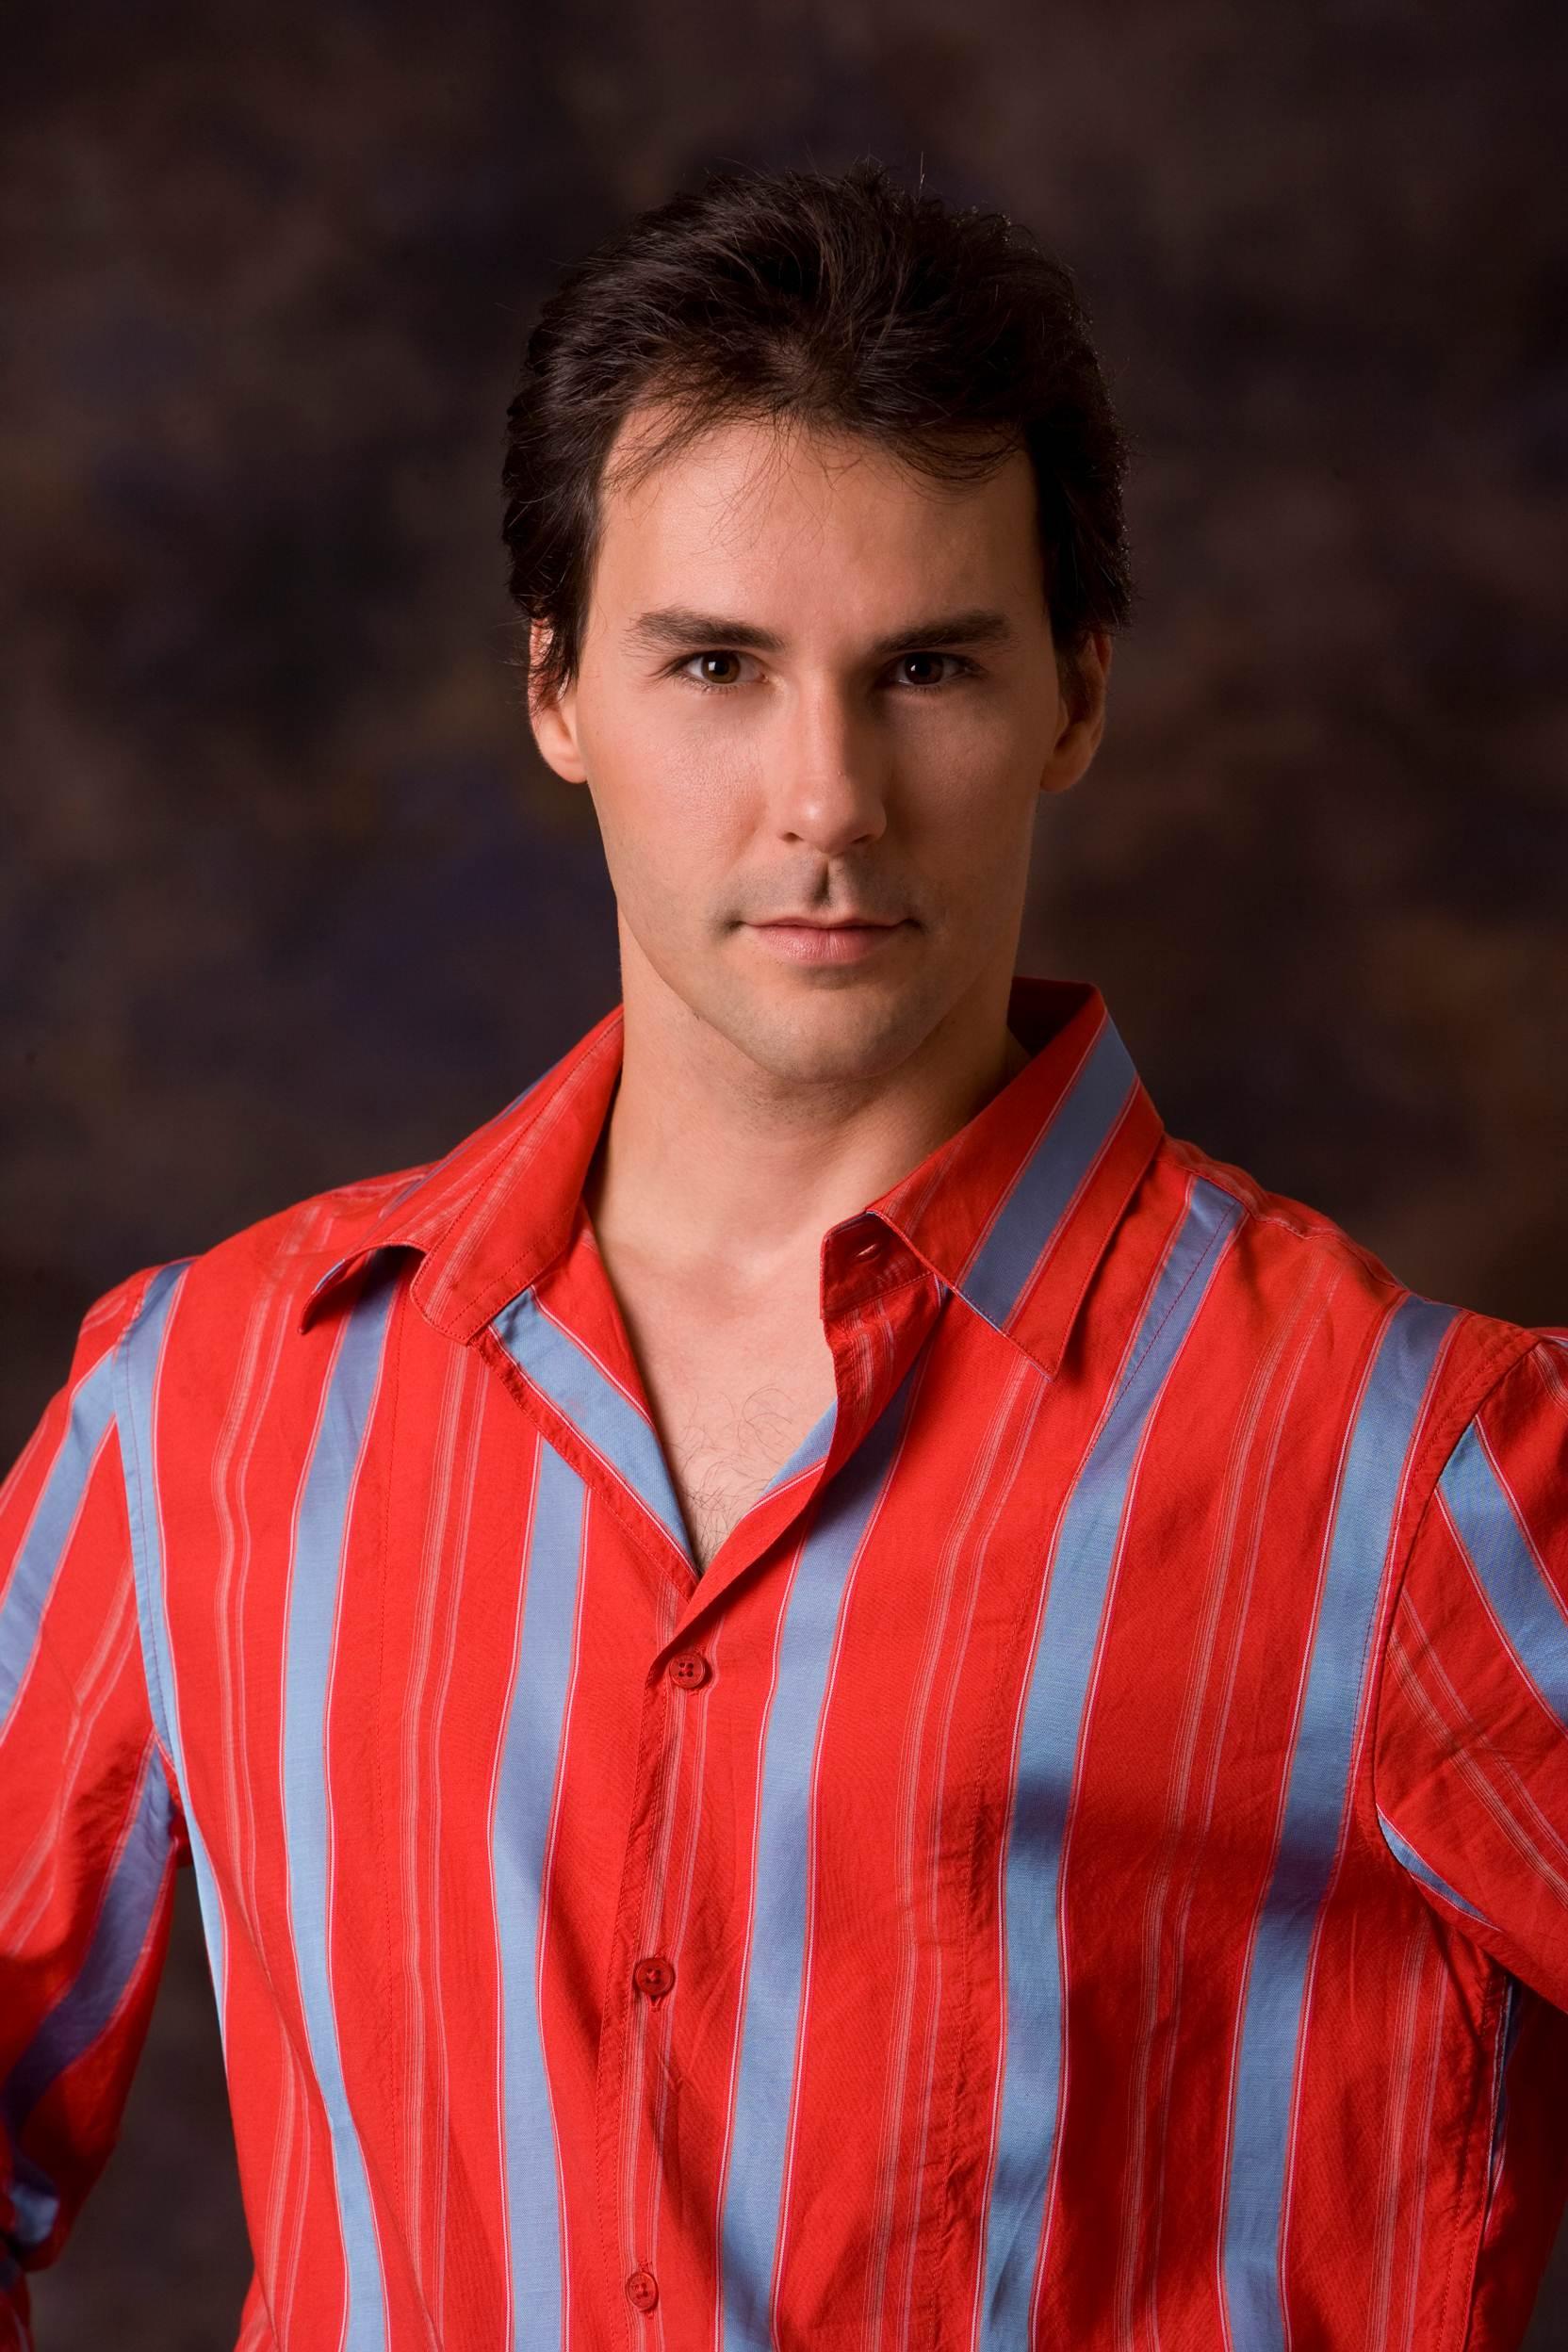 dancer wears a red shirt